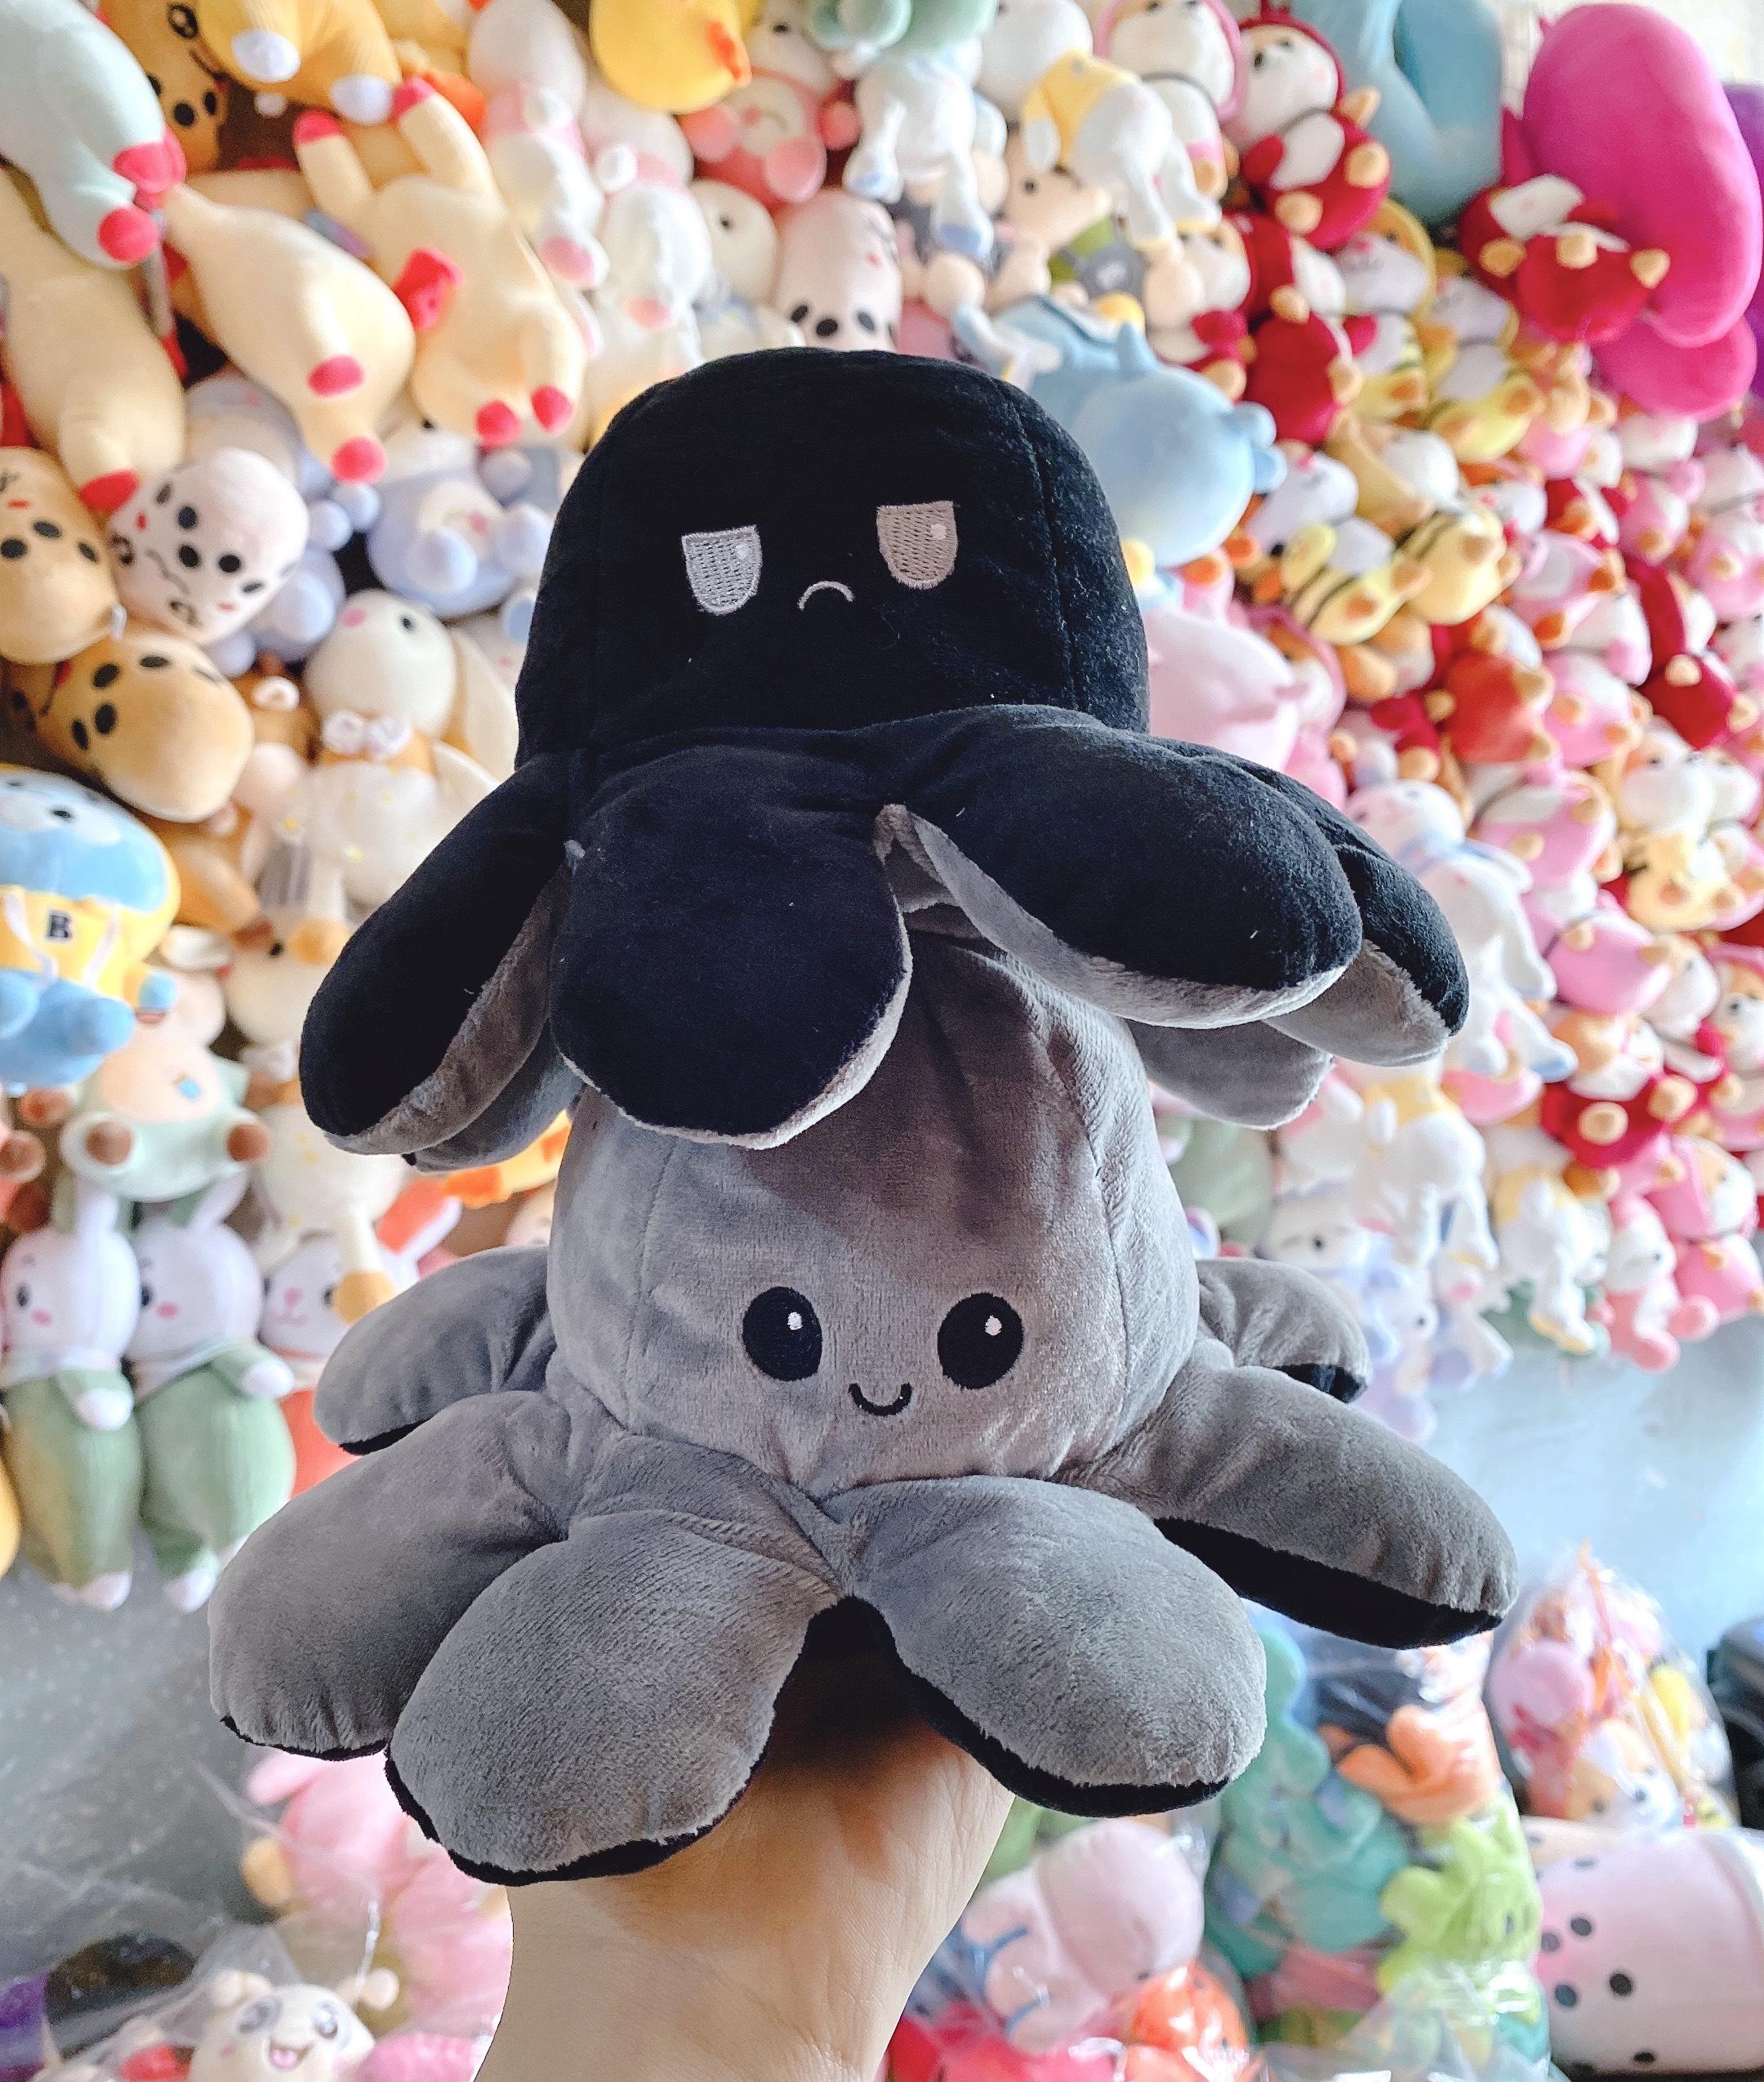 Gấu bông bạch tuộc cảm xúc 2 mặt biểu cảm mini 20cm